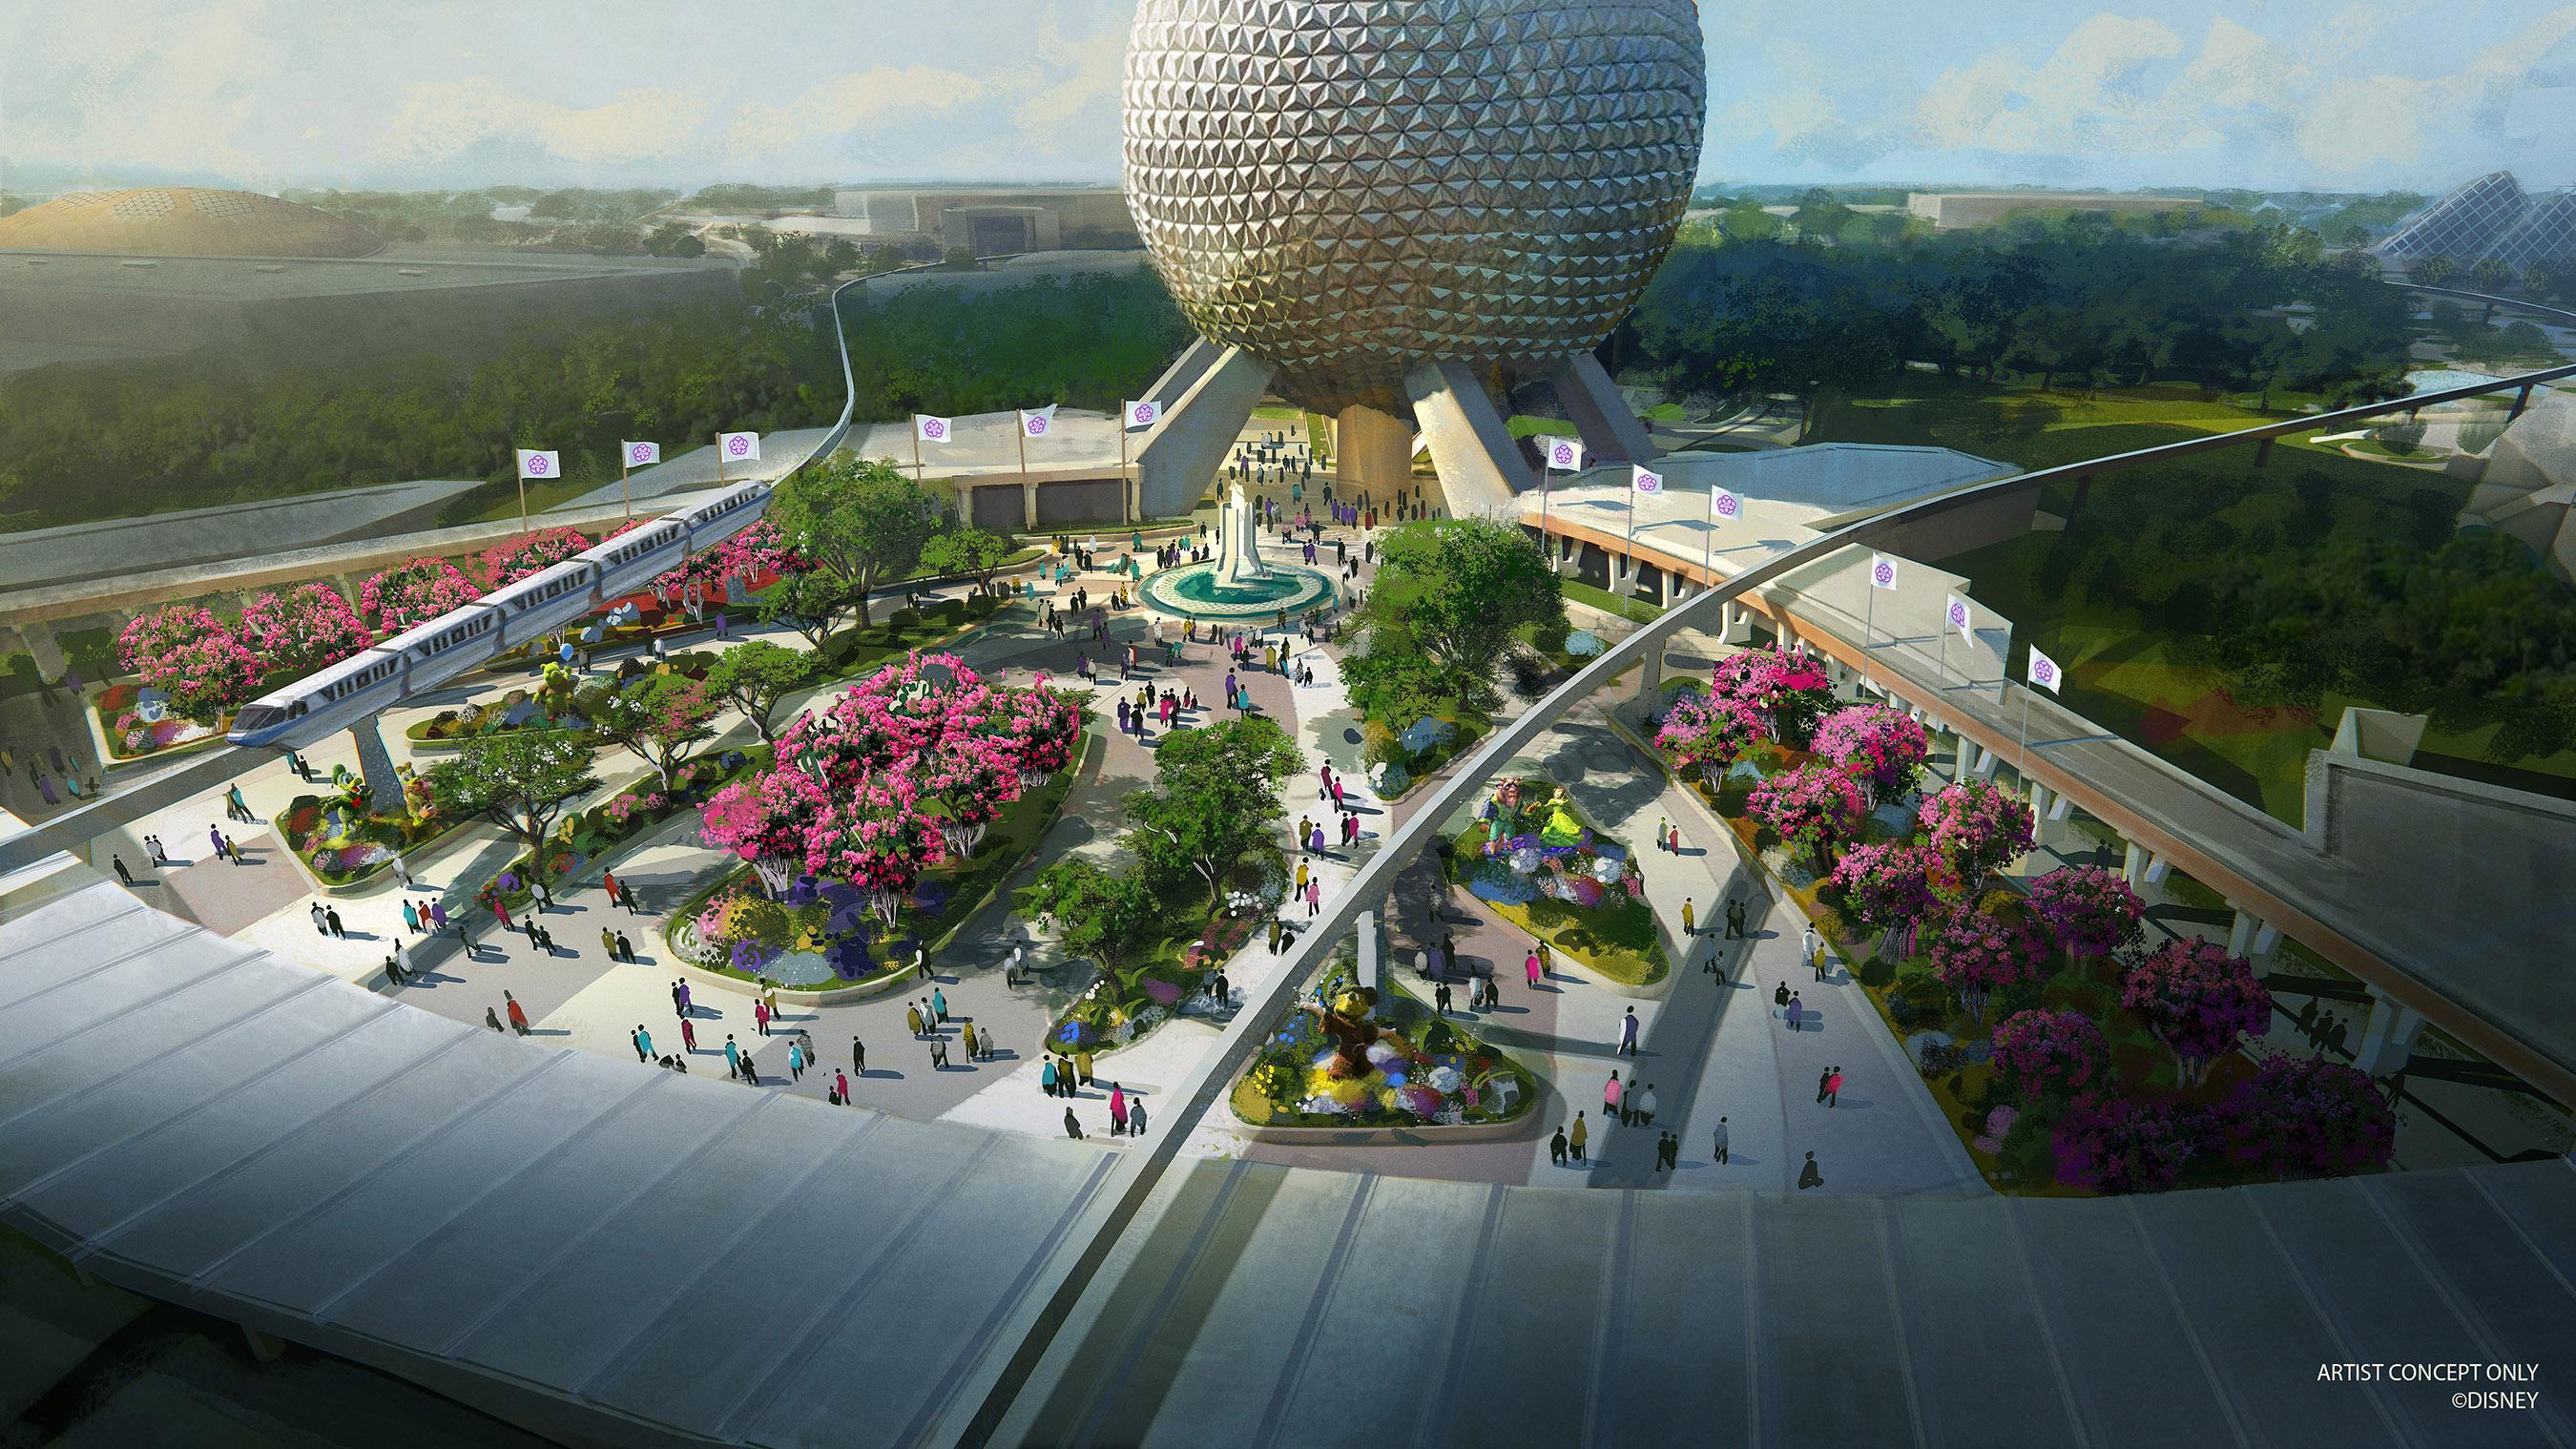 Concept art of Epcot's new Park Entrance